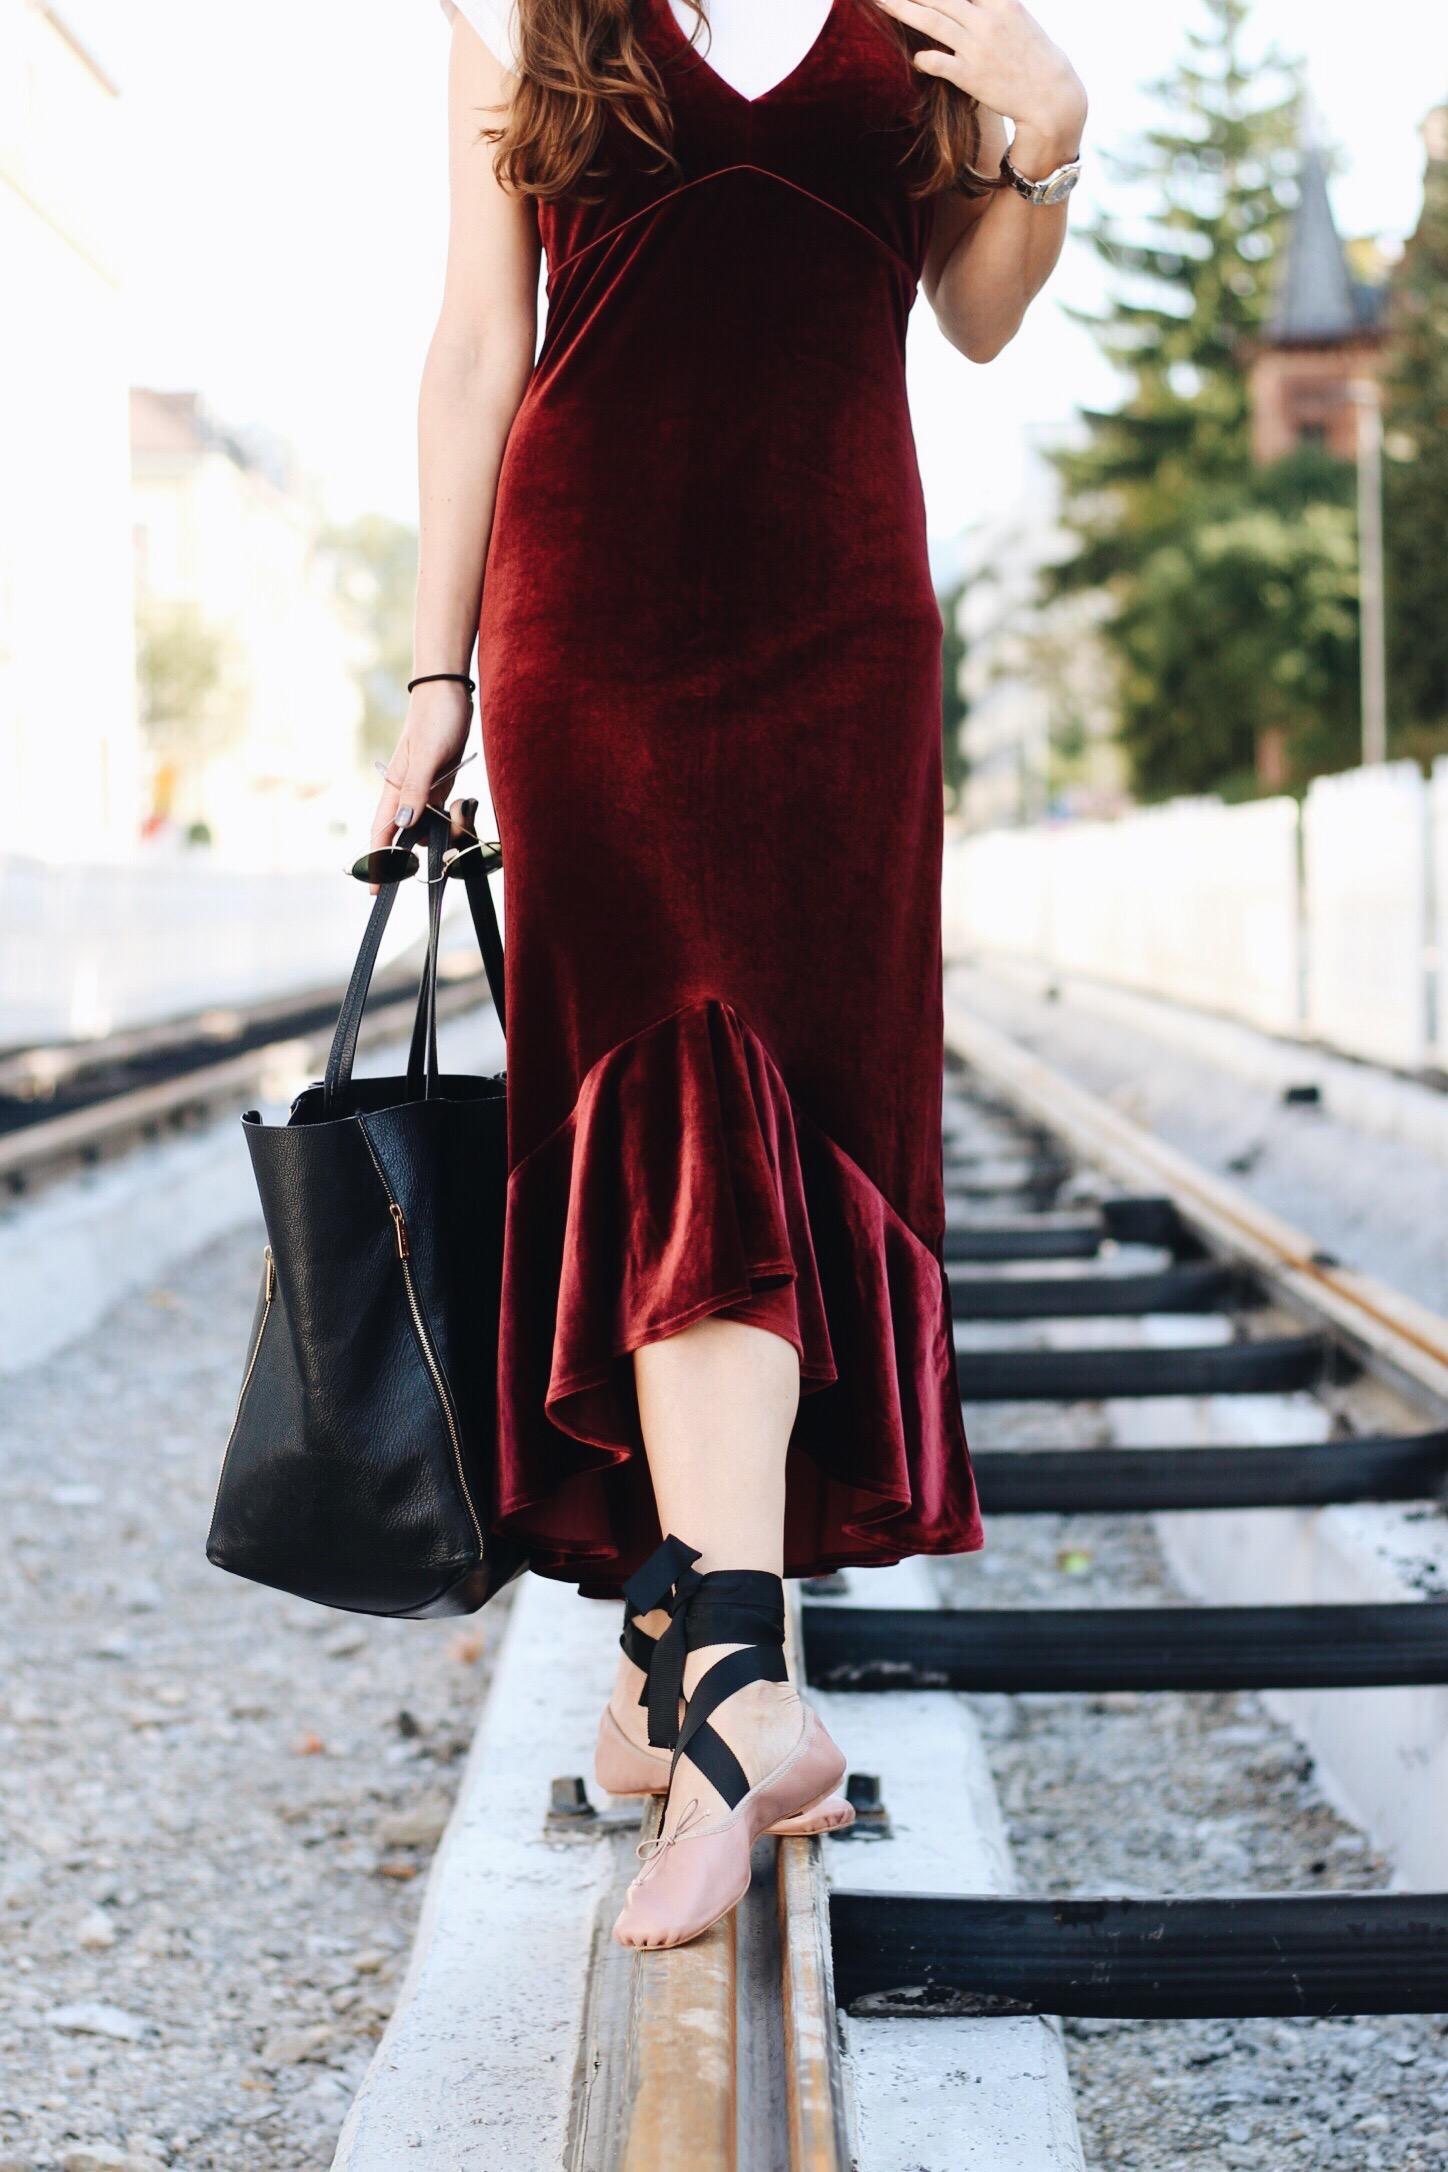 Mein Samtkleid kombiniert mit Ballerinas auf meinem Modeblog